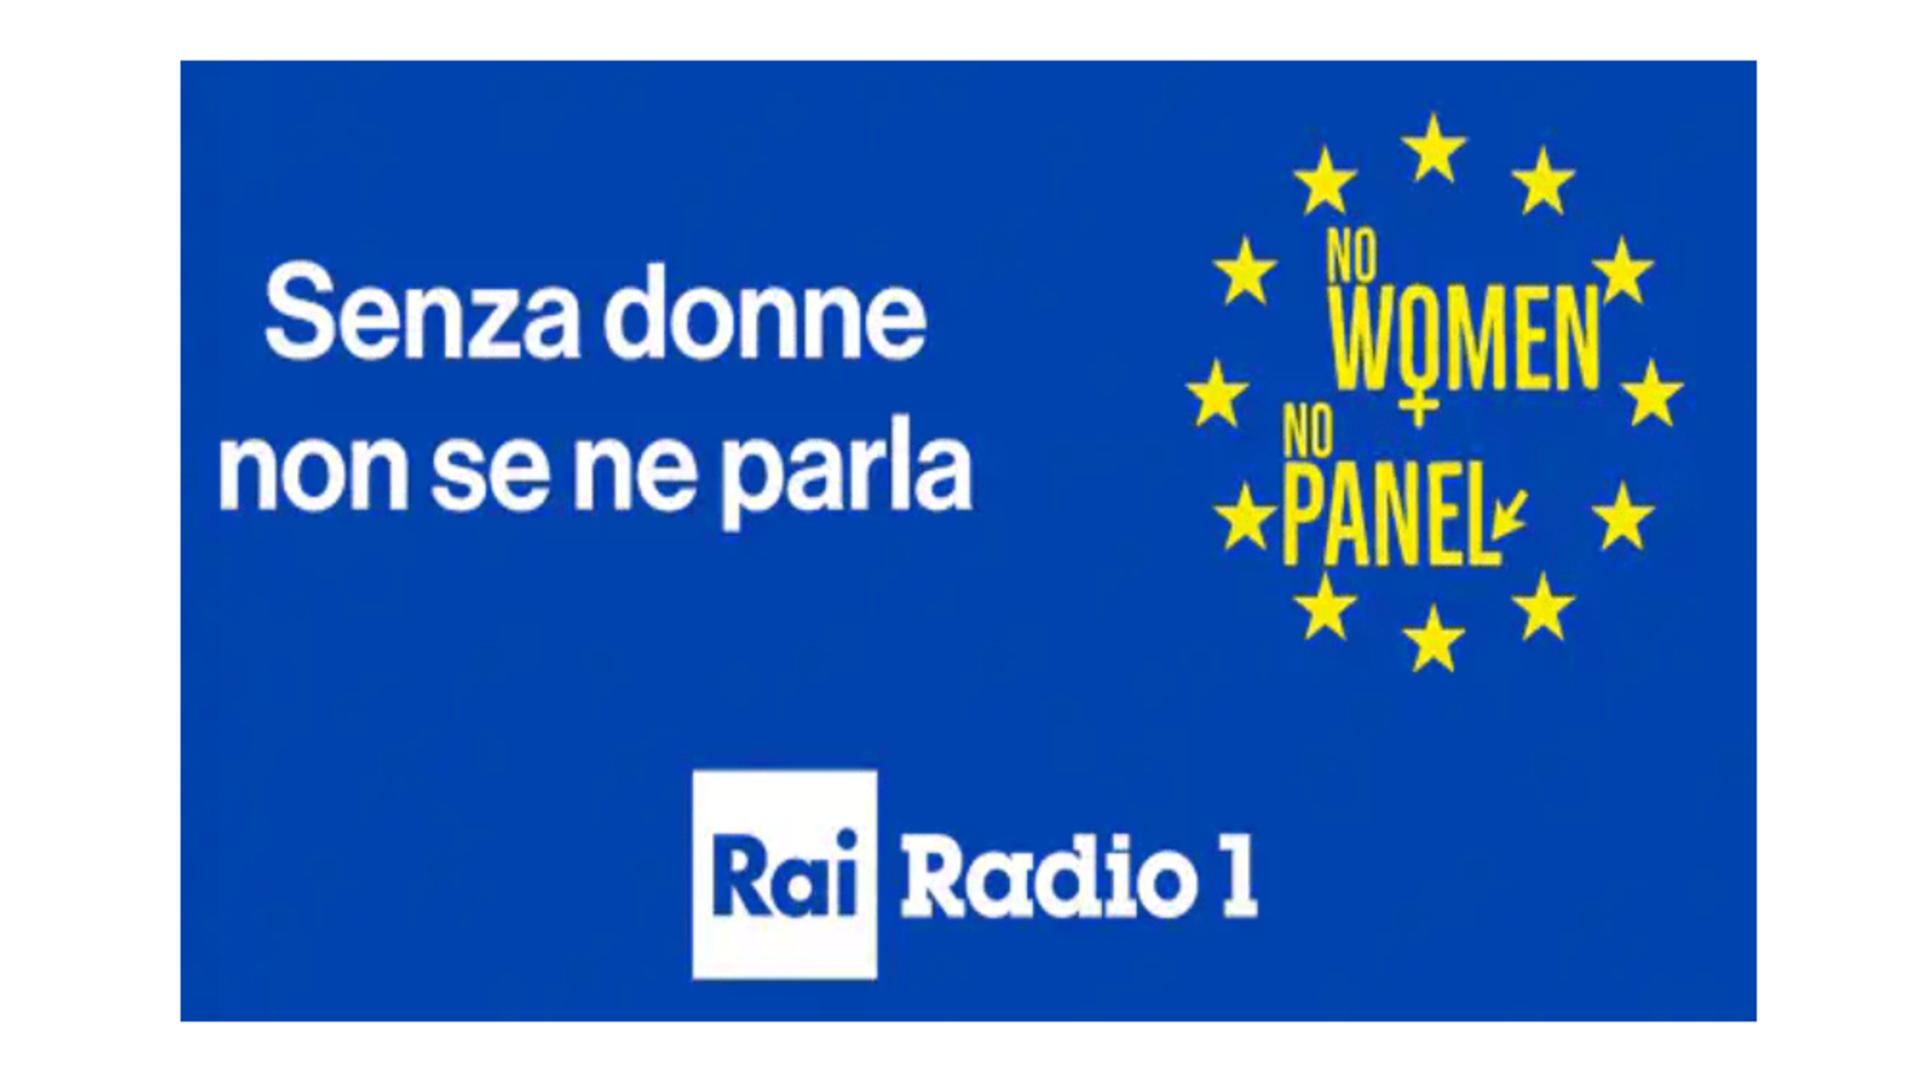 ASI - No women, no panel- evento di presentazione della campagna europea